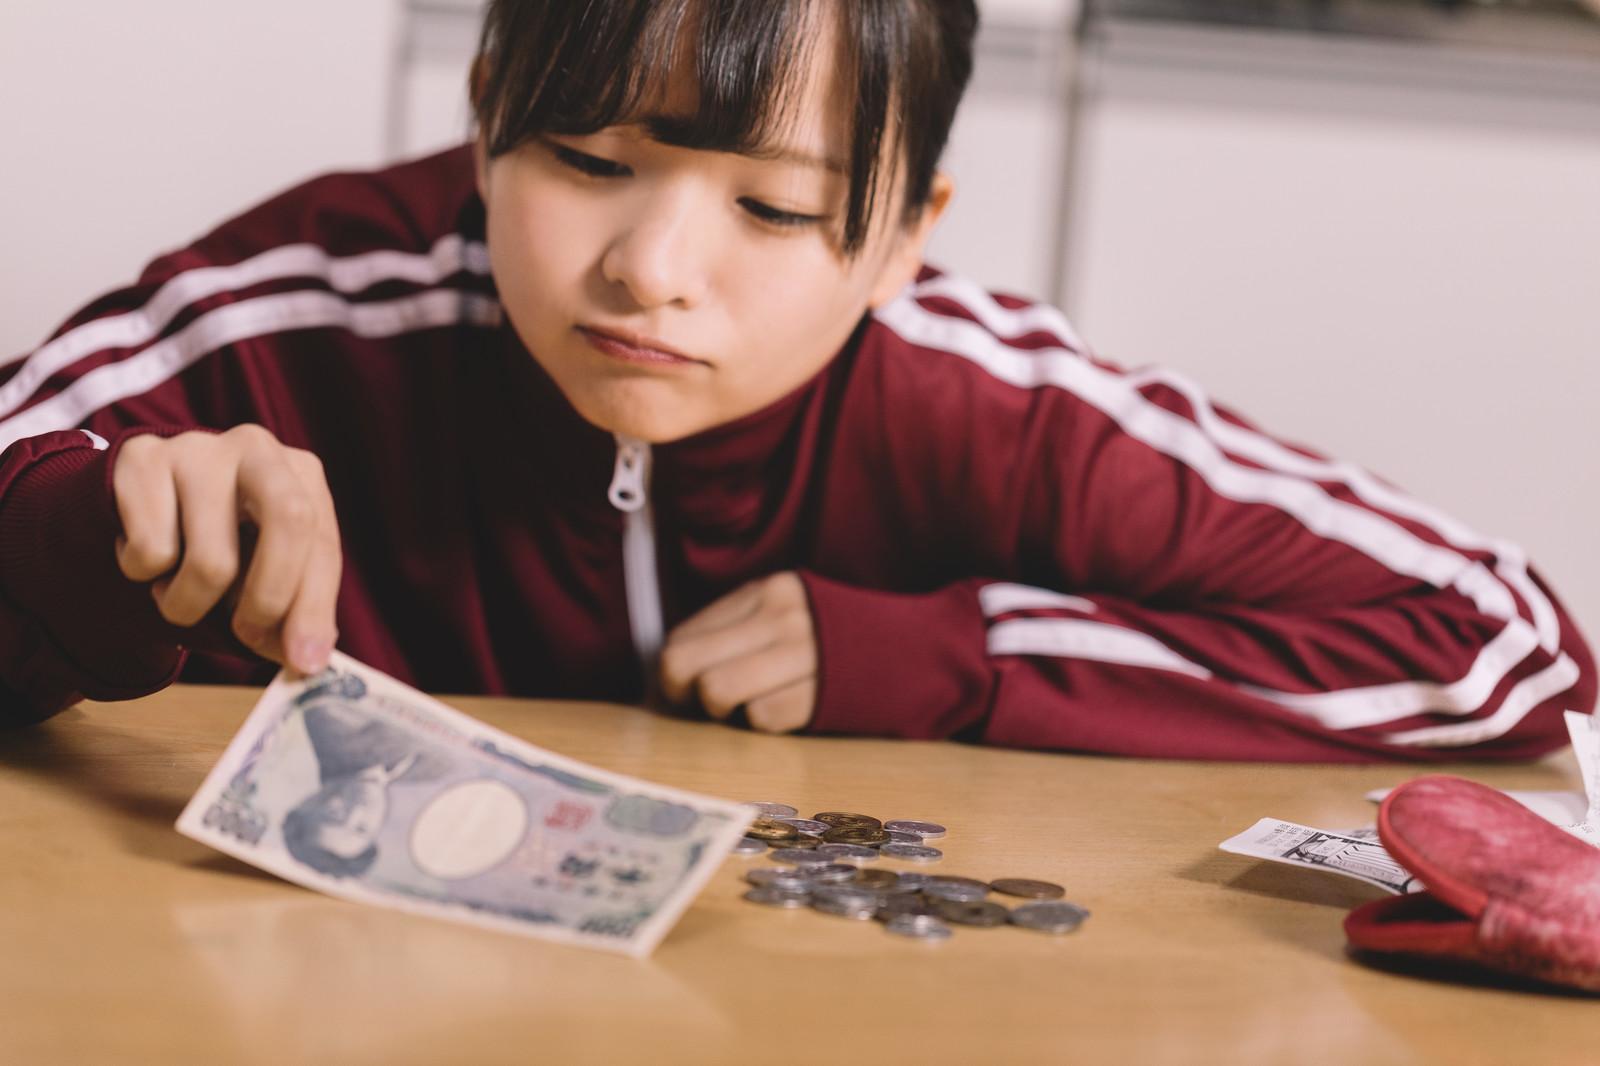 任意整理と自己破産との違いとは